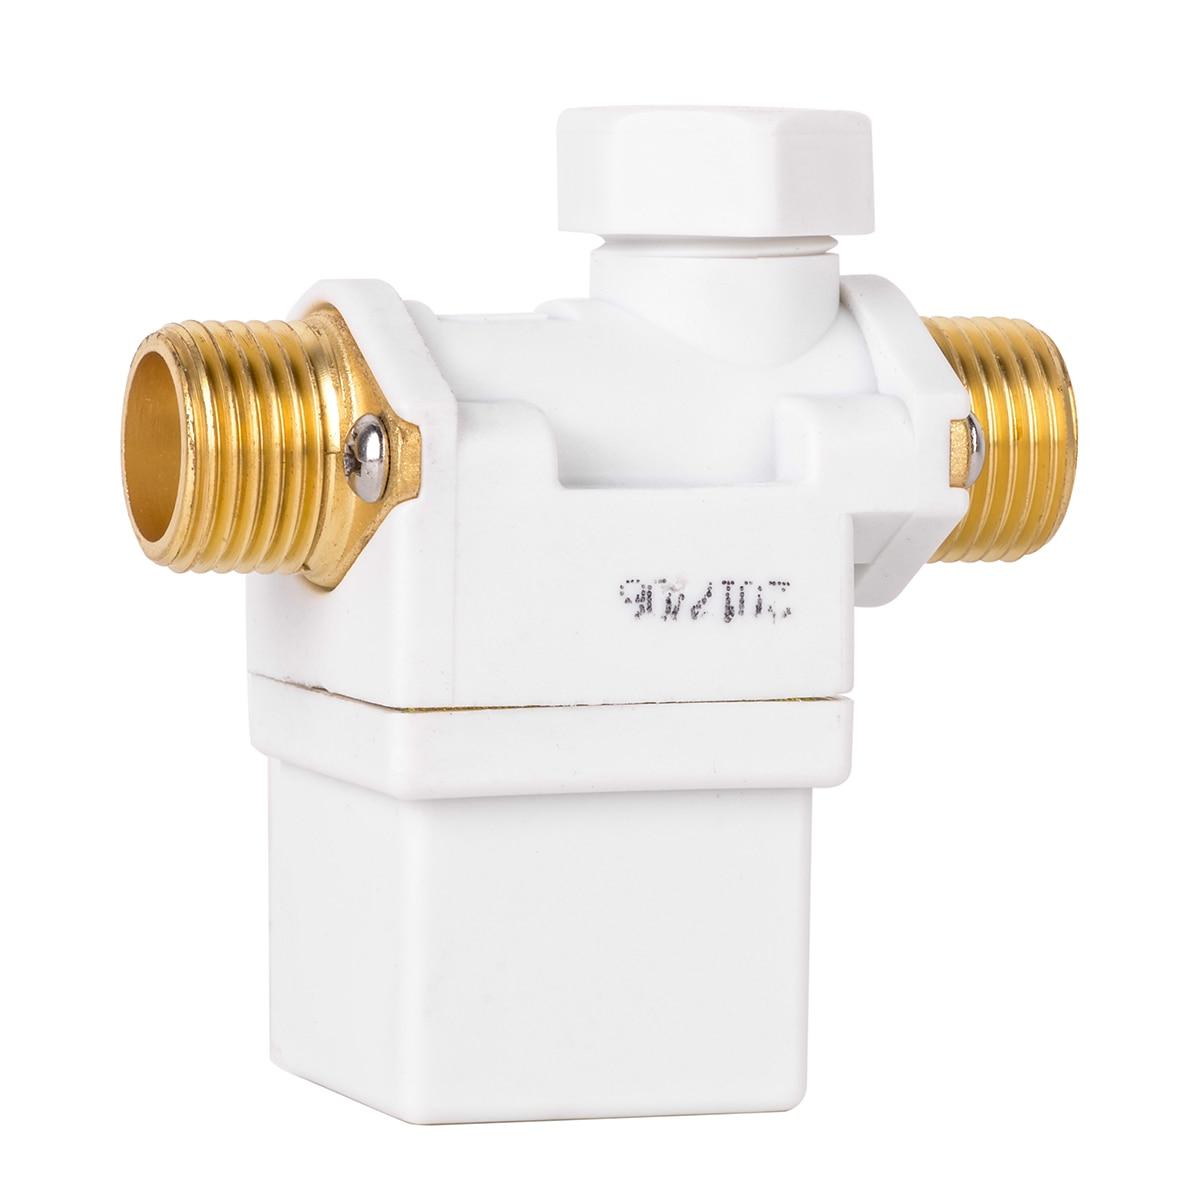 1 stück Neue Praktische Elektrische Magnetventil AC 220 V Wasser Luft N/C Normalerweise Geschlossen 0-0.8Mpa Membranventile für 1/2